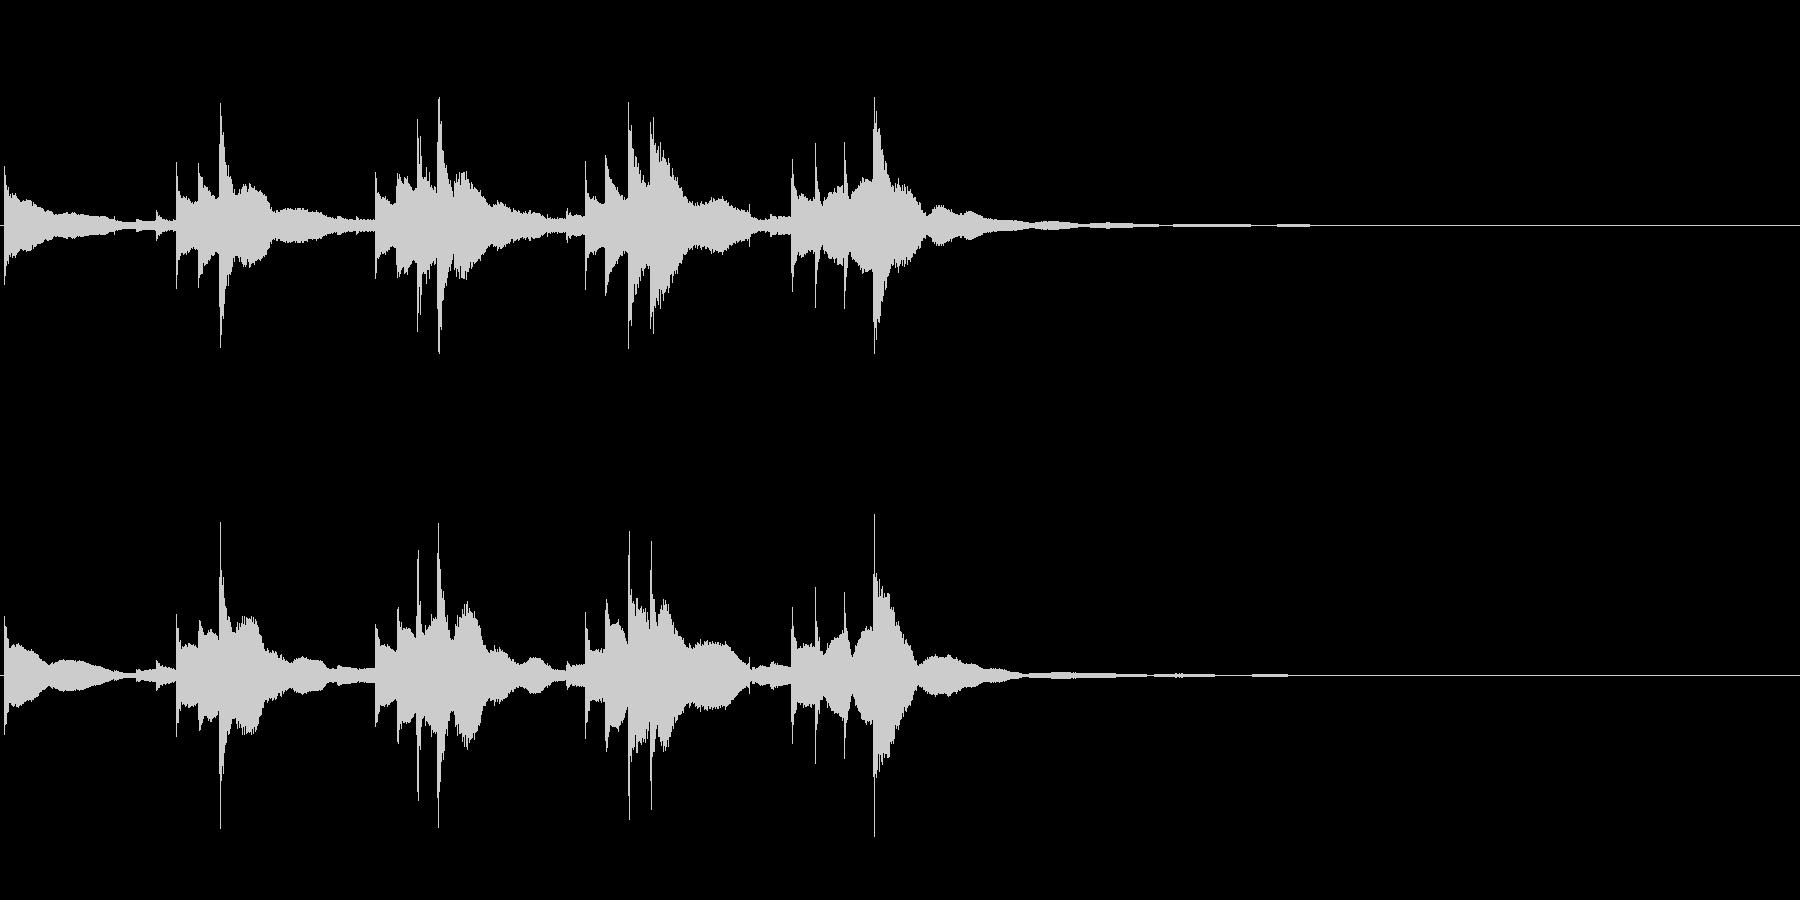 小型の鐘「本つり鐘」のフレーズ音1+Fxの未再生の波形